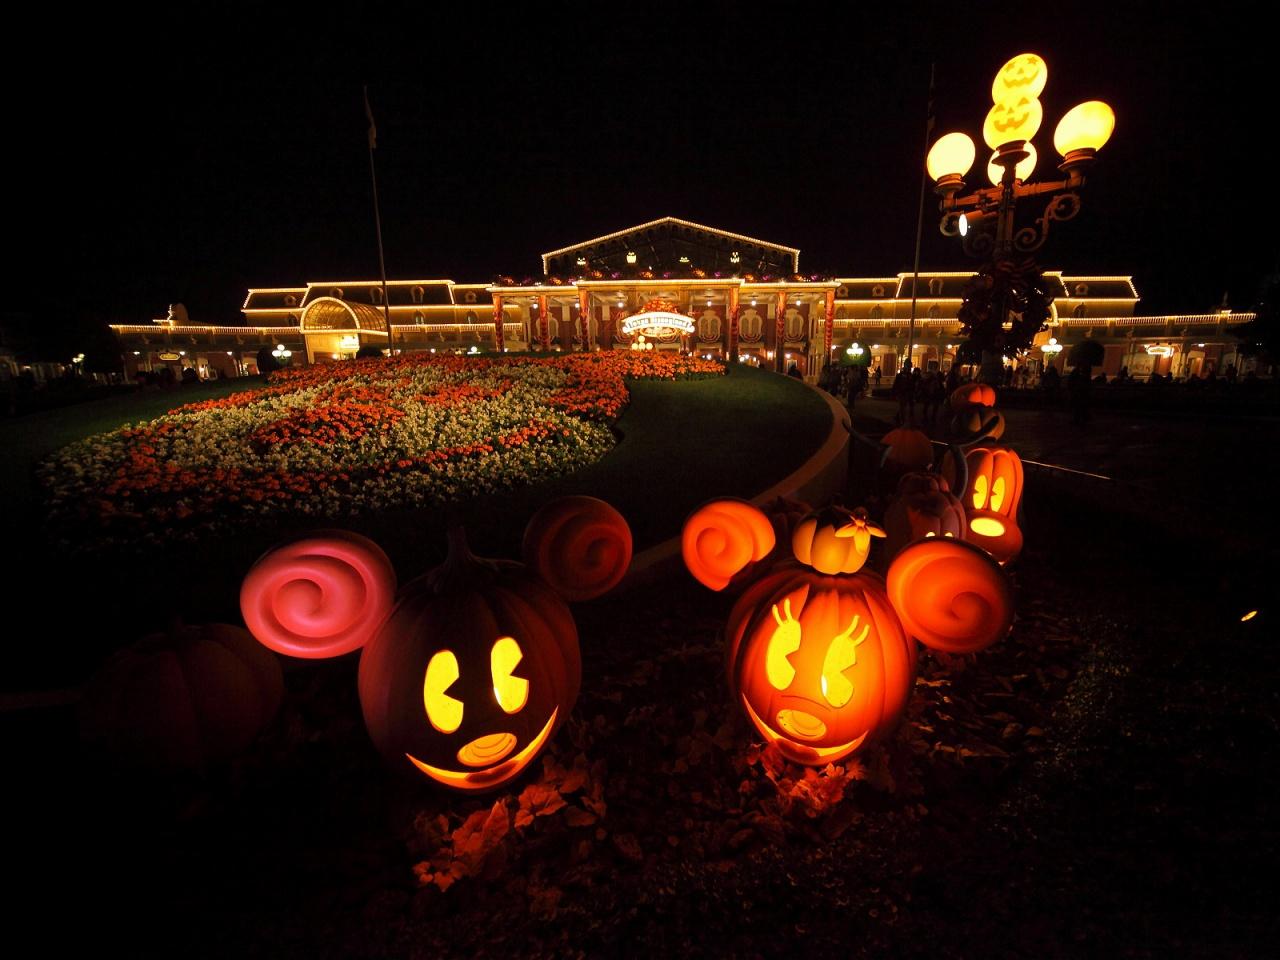 東京ディズニーランド ハロウィーン10 Tokyo Disneyland